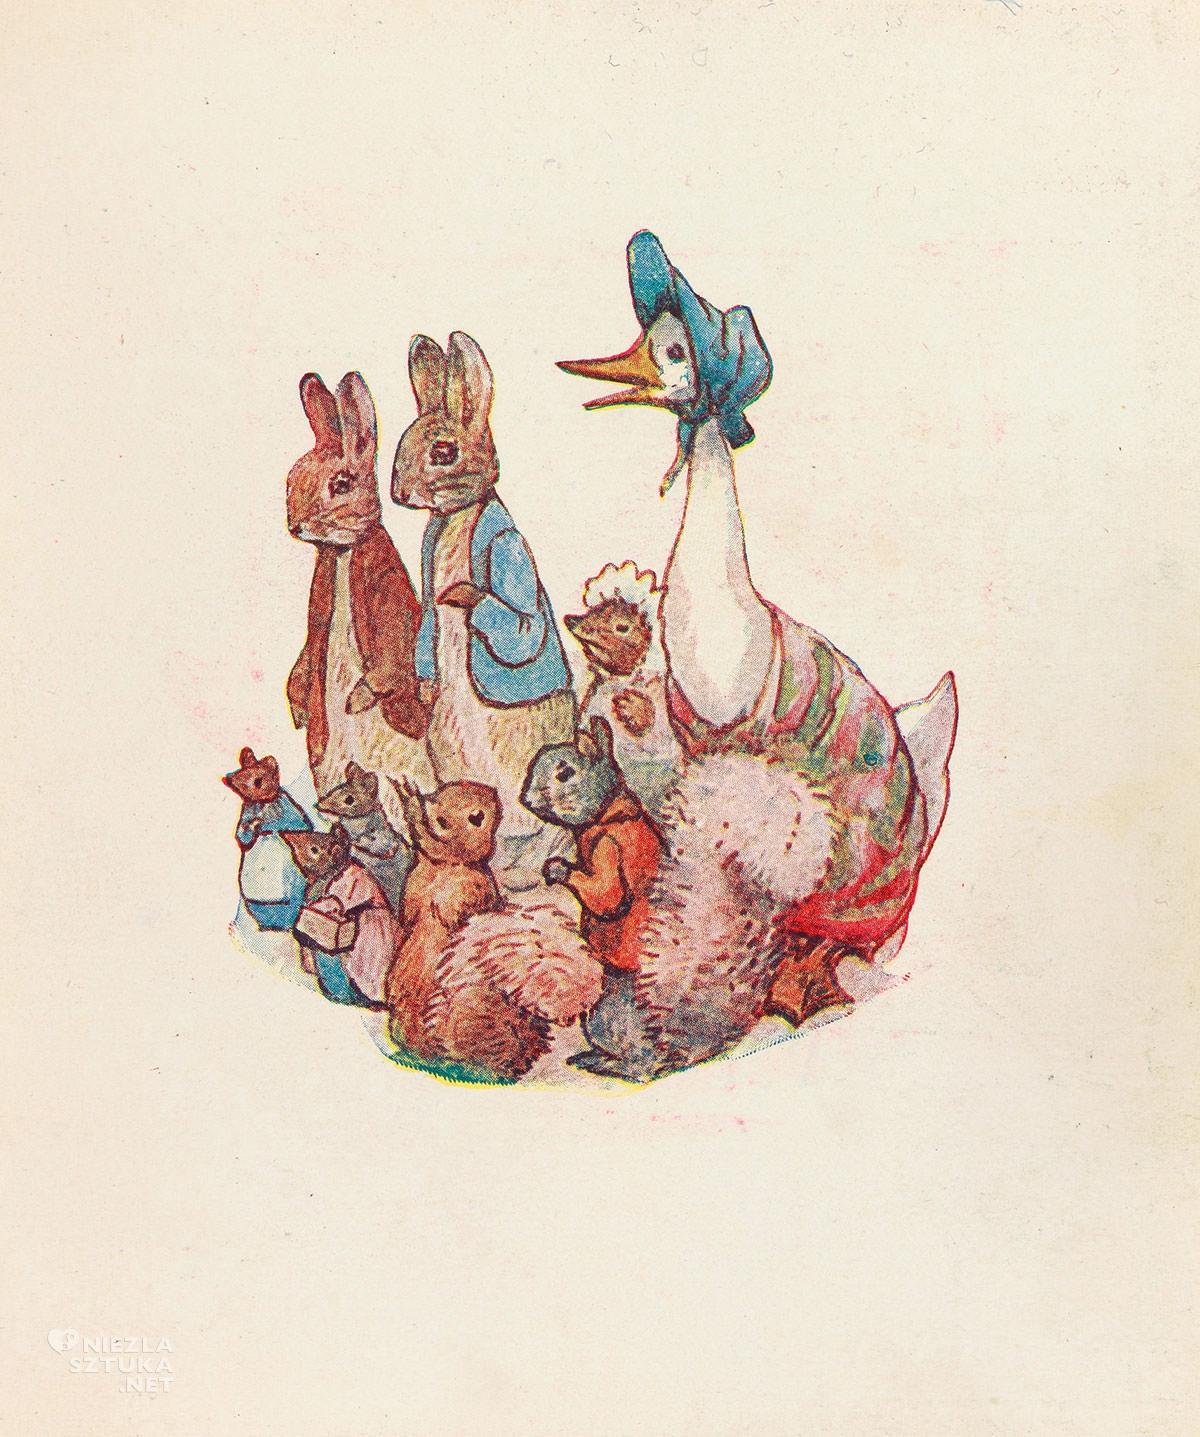 Beatrix Potter, Ilustracja, Cecily Parsley's Nursery Rhymes, książki dla dzieci, ilustraktorka, kobiety w sztuce, Niezła Sztuka